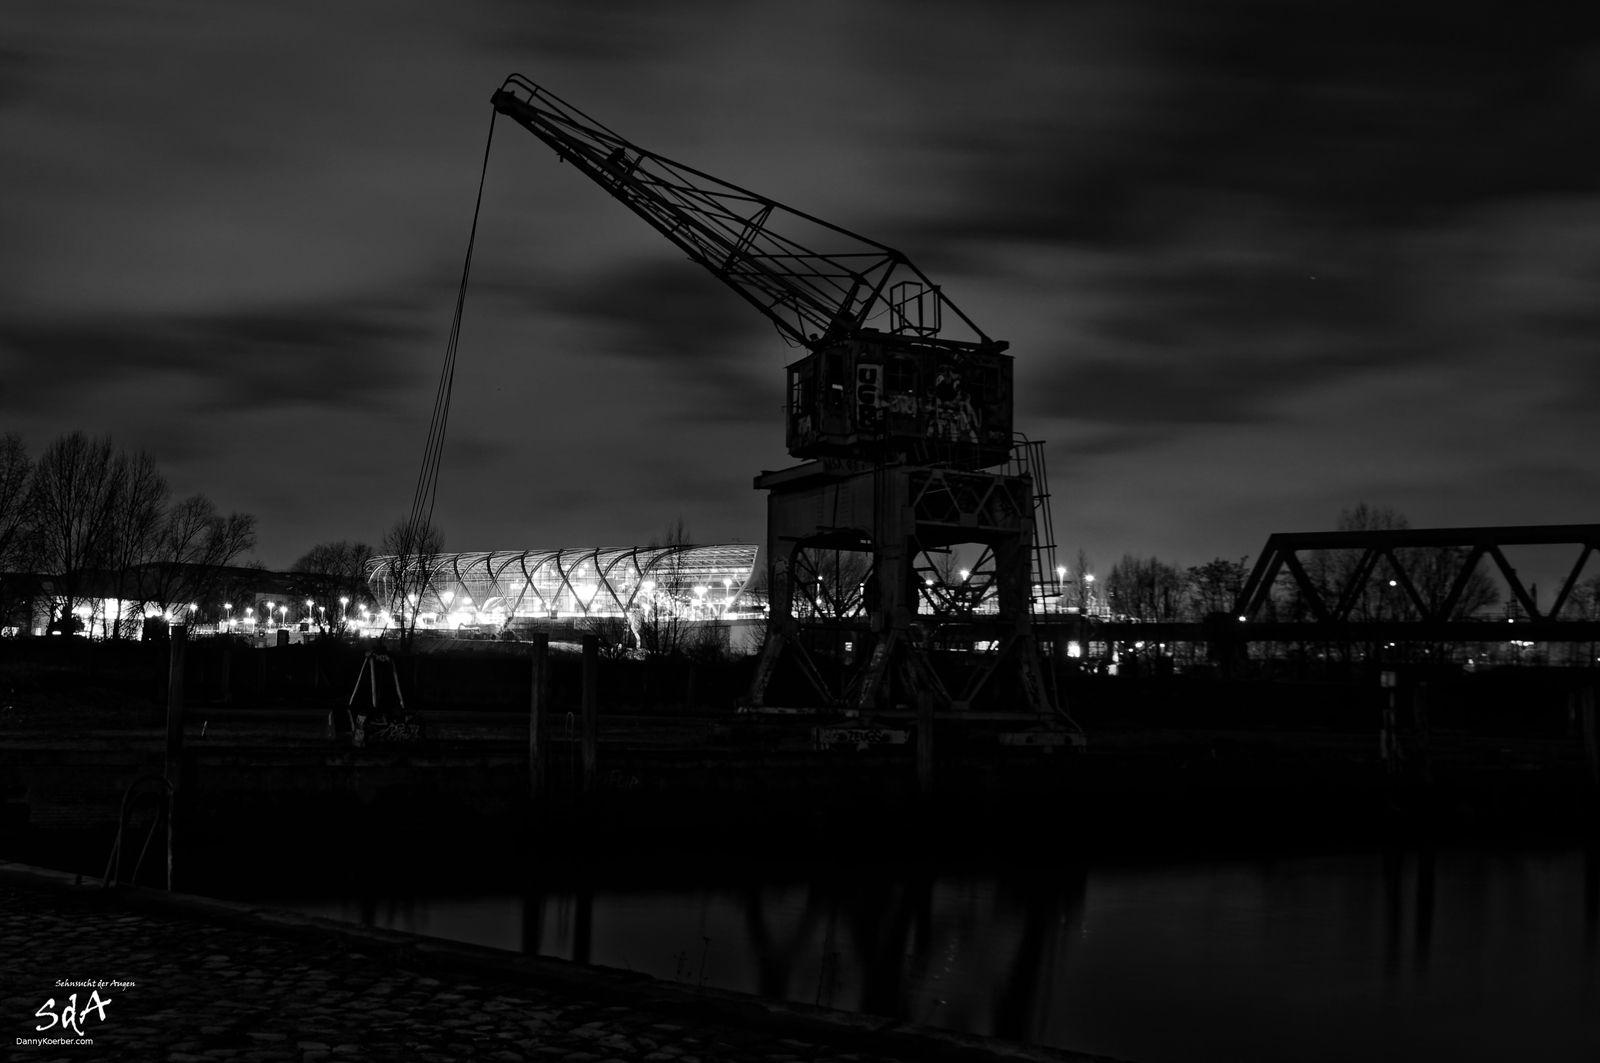 Alter Frachtkran vor Station Elbbrücke. Industriearchitektur fotografiert von Danny Körber für Sehnsucht der Augen.